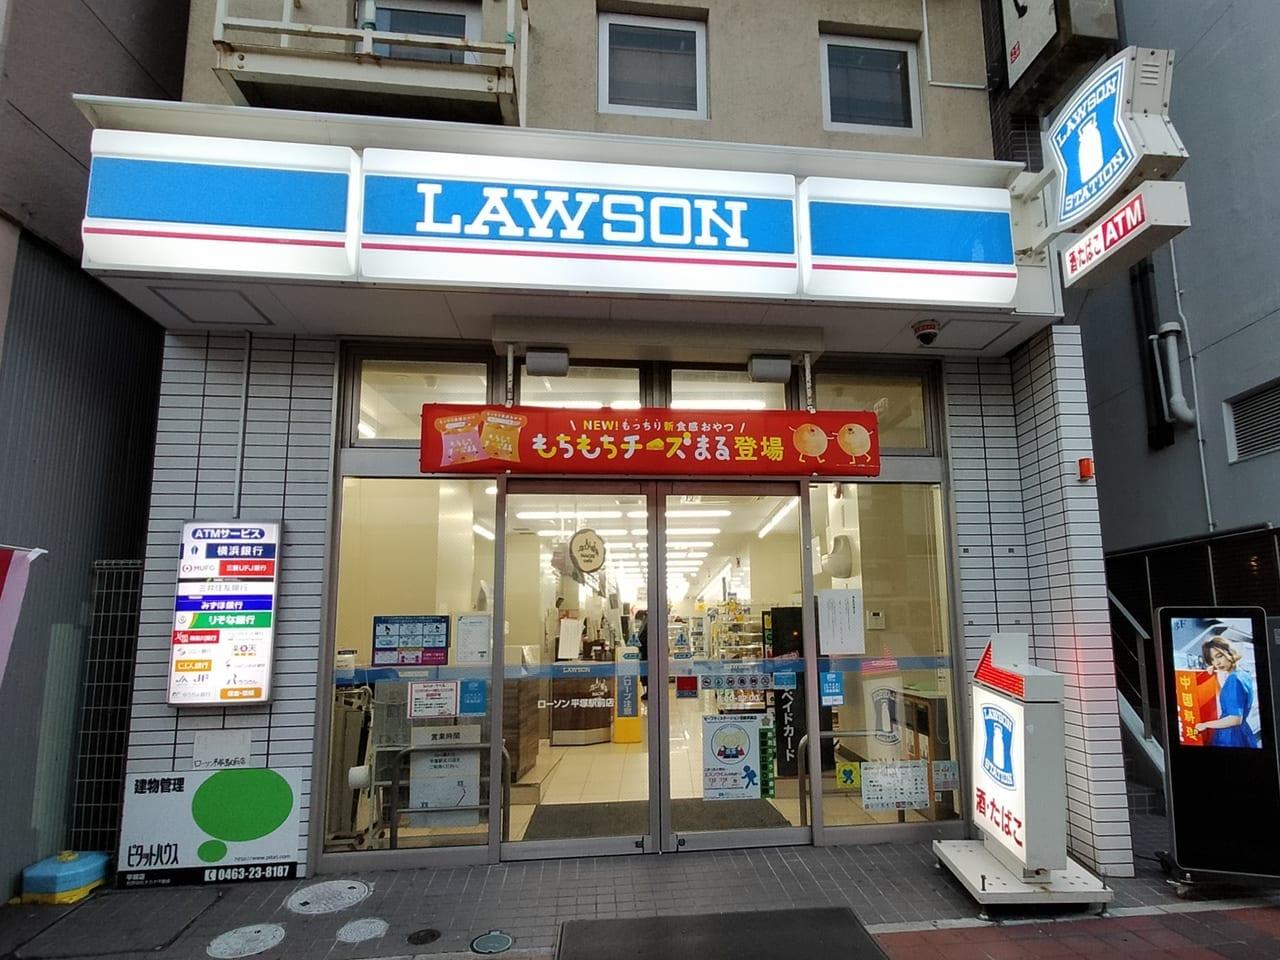 「ローソン 平塚駅前」が2021年2月15日(月)に閉店します。